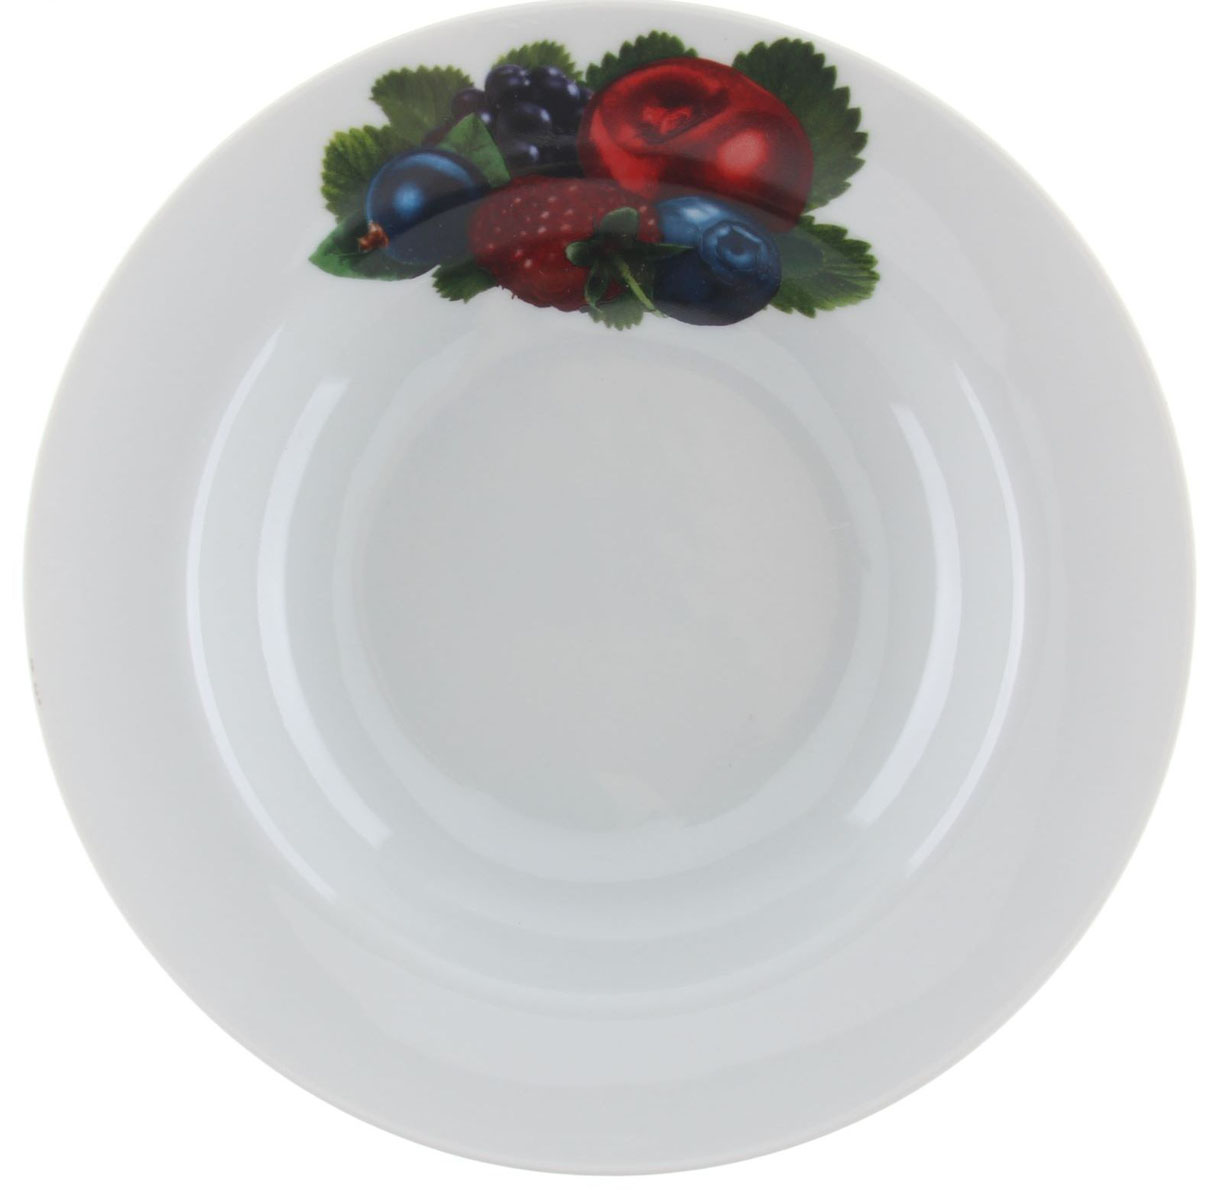 Тарелка глубокая Идиллия. Ассорти, диаметр 20 см1303840Глубокая тарелка Идиллия. Ассорти выполнена из высококачественного фарфора и украшена ярким рисунком ягод. Она прекрасно впишется в интерьер вашей кухни и станет достойным дополнением к кухонному инвентарю. Тарелка Идиллия. Ассорти подчеркнет прекрасный вкус хозяйки и станет отличным подарком. Диаметр тарелки: 20 см.